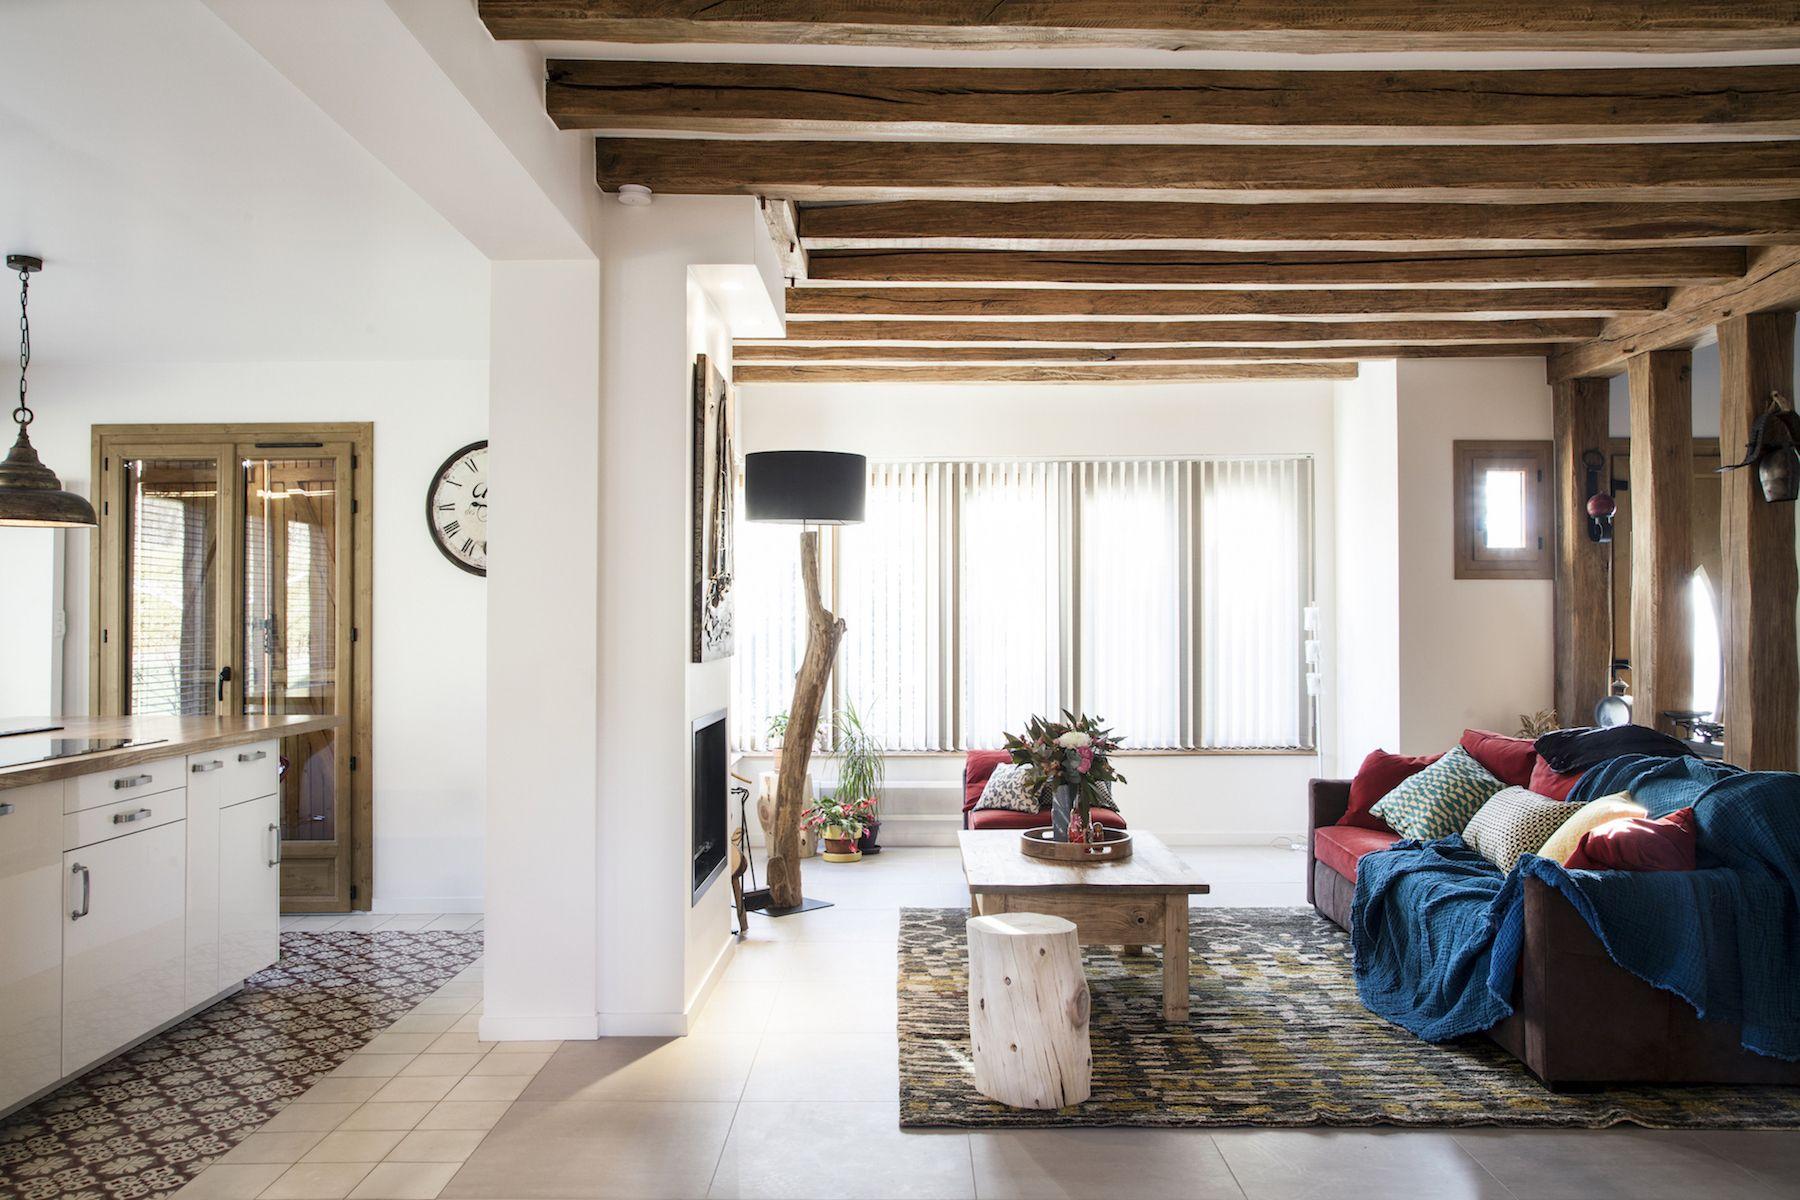 R novation d 39 une maison la campagne chic et rustique grace un insert double face d 39 un cot - Renovation maison de campagne ...